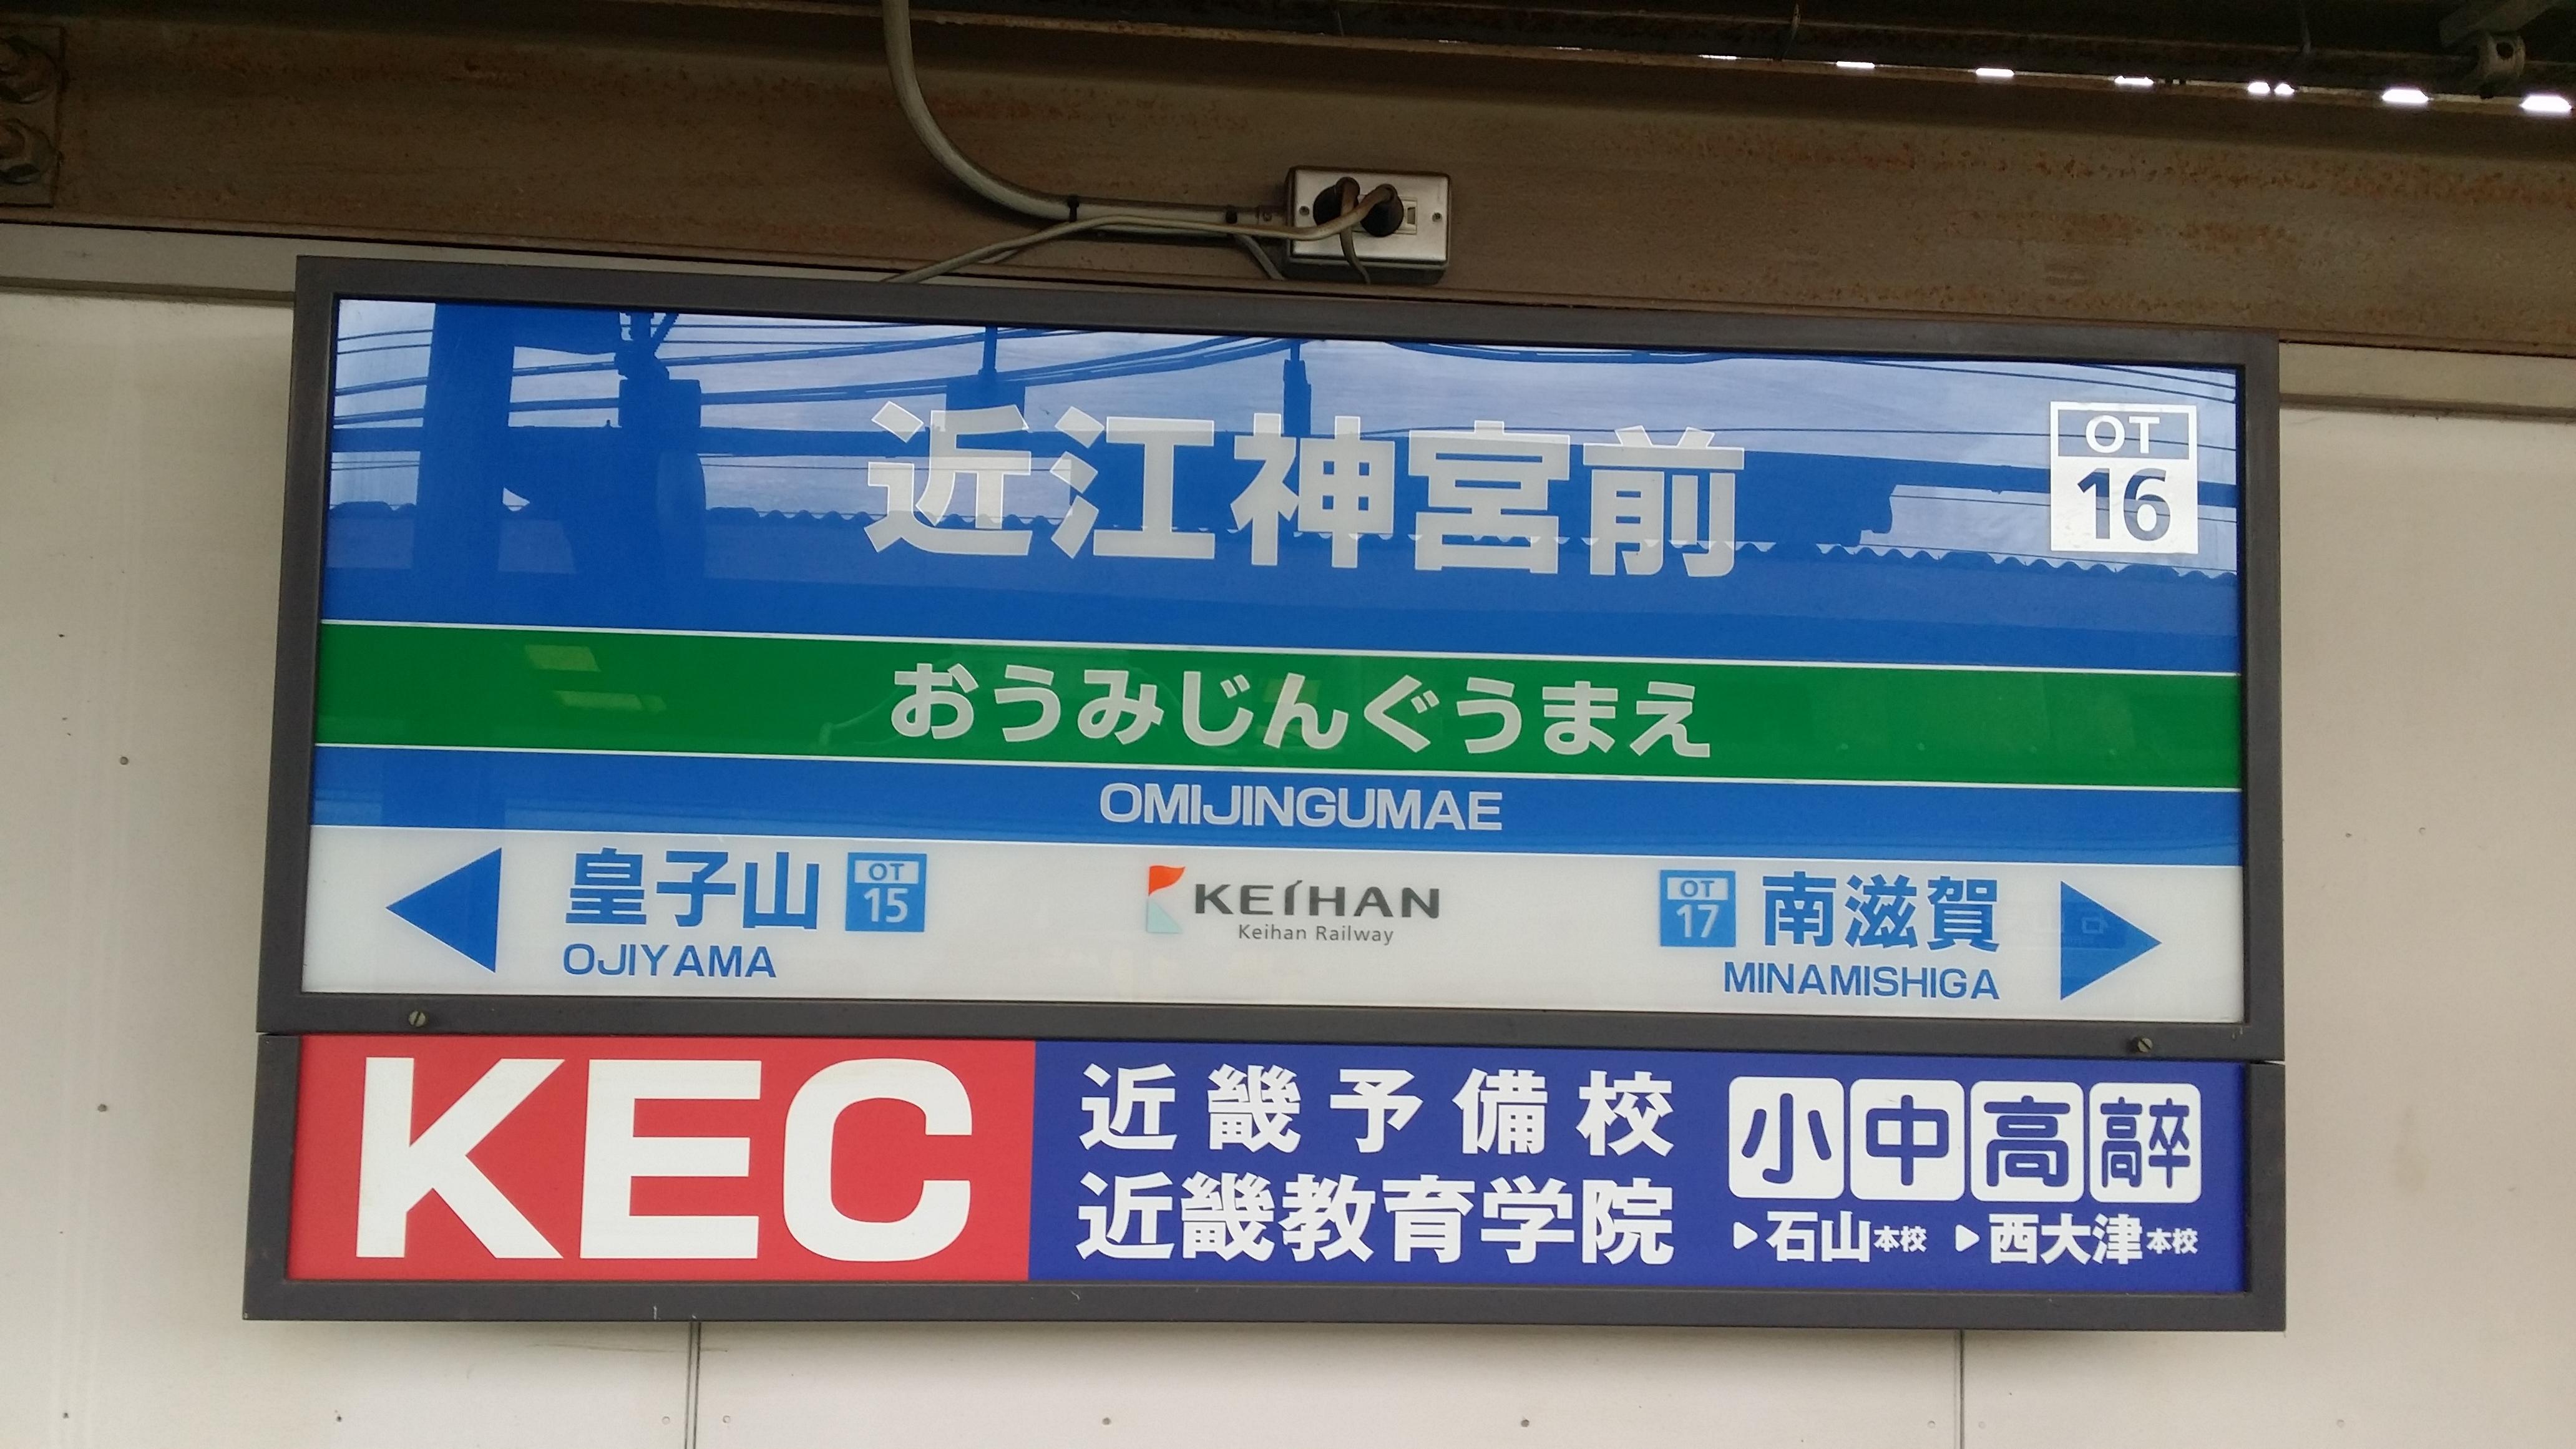 京阪】大津線にも駅ナンバリング...